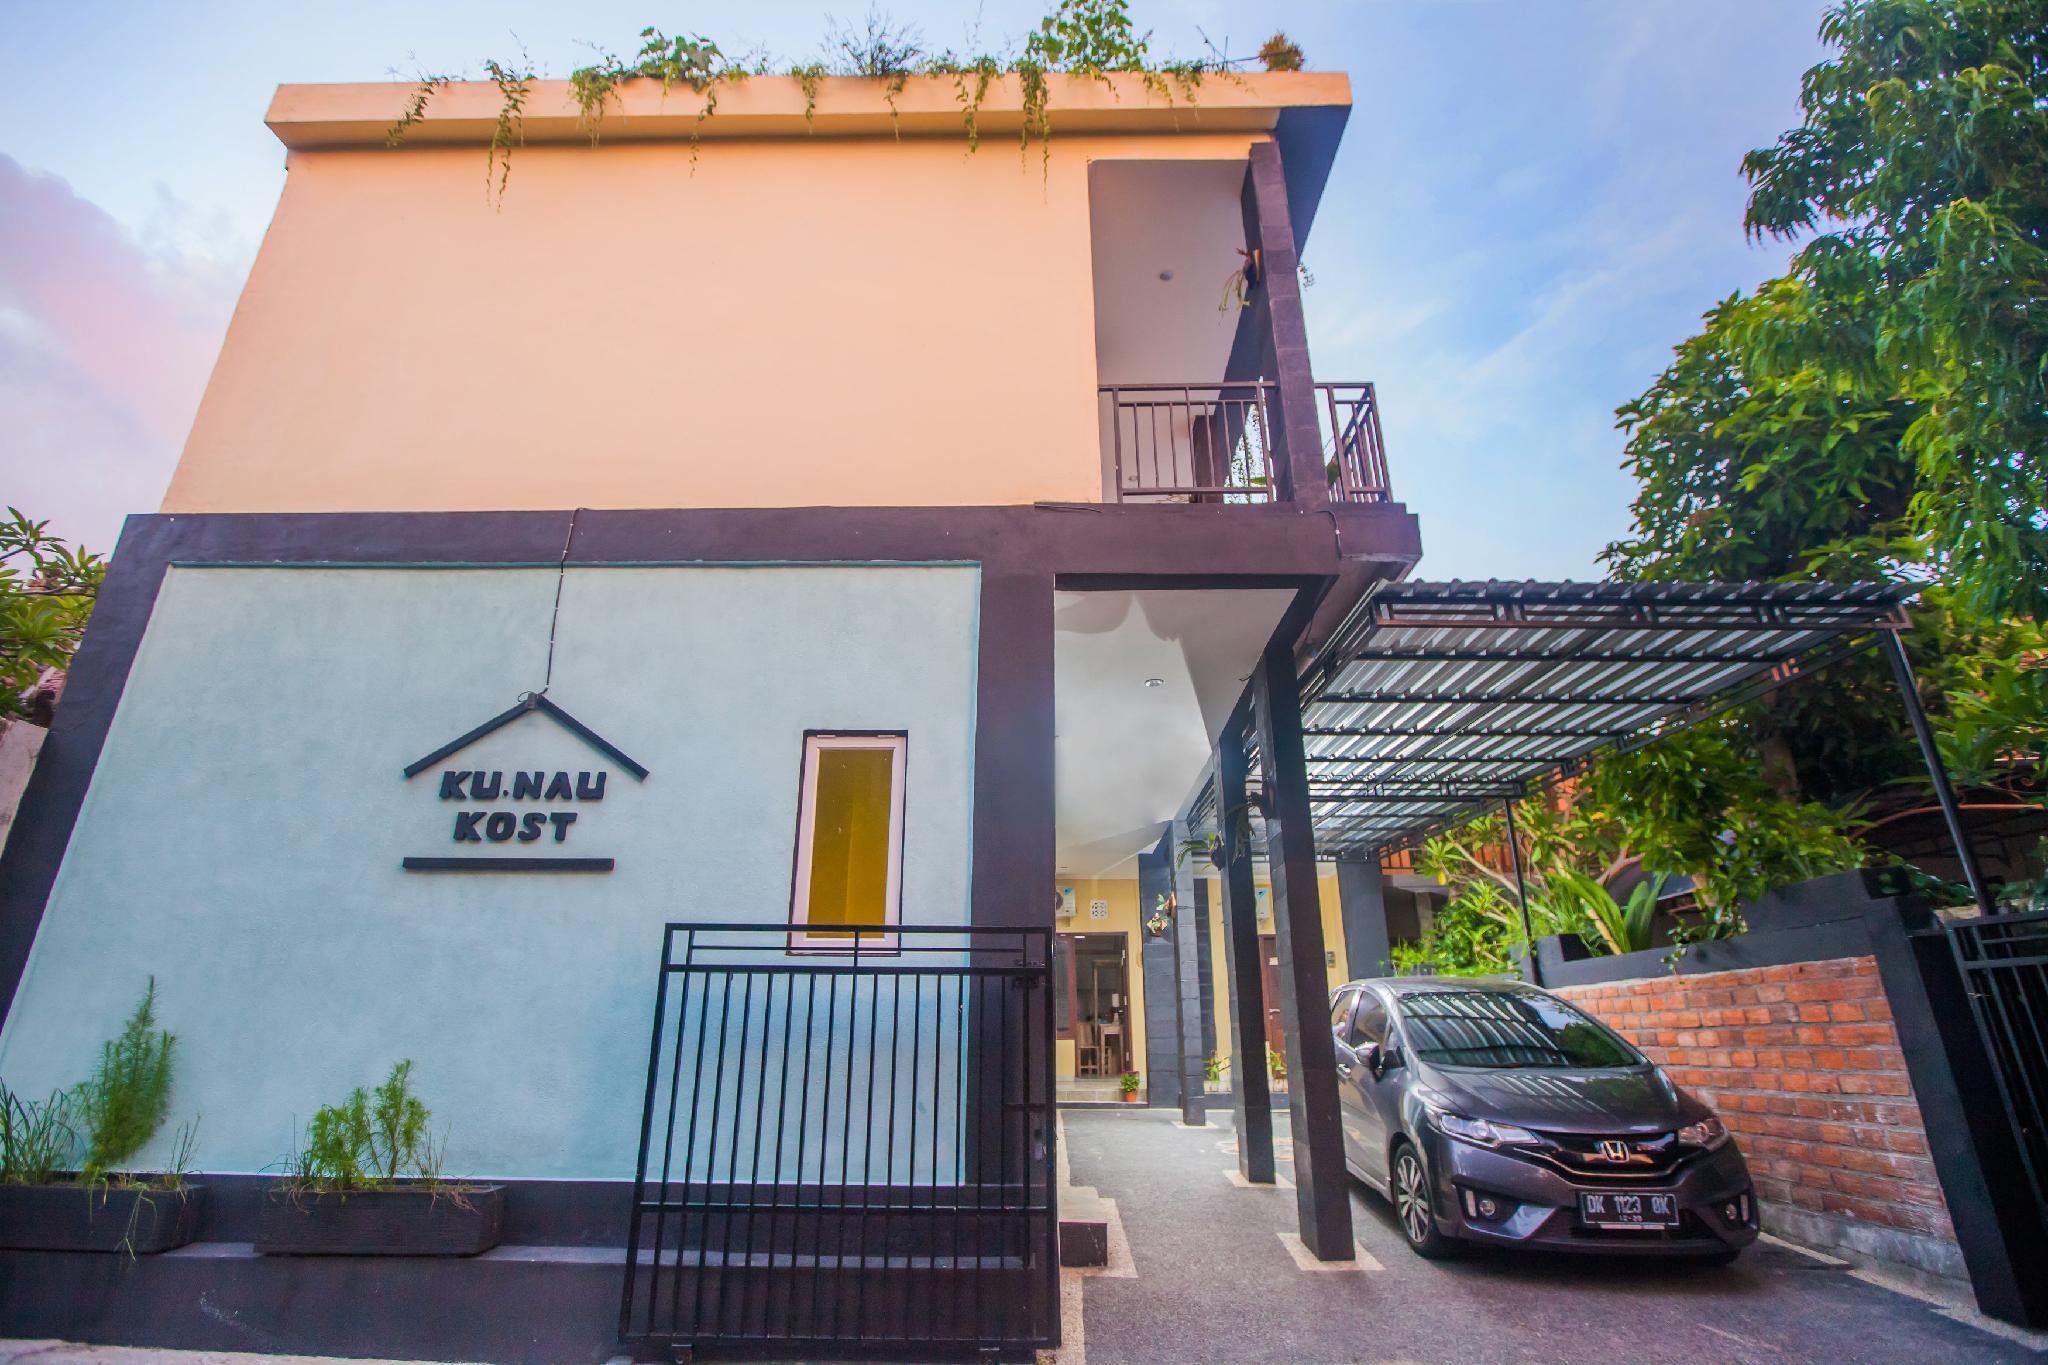 KU.NAU Bali Homestay